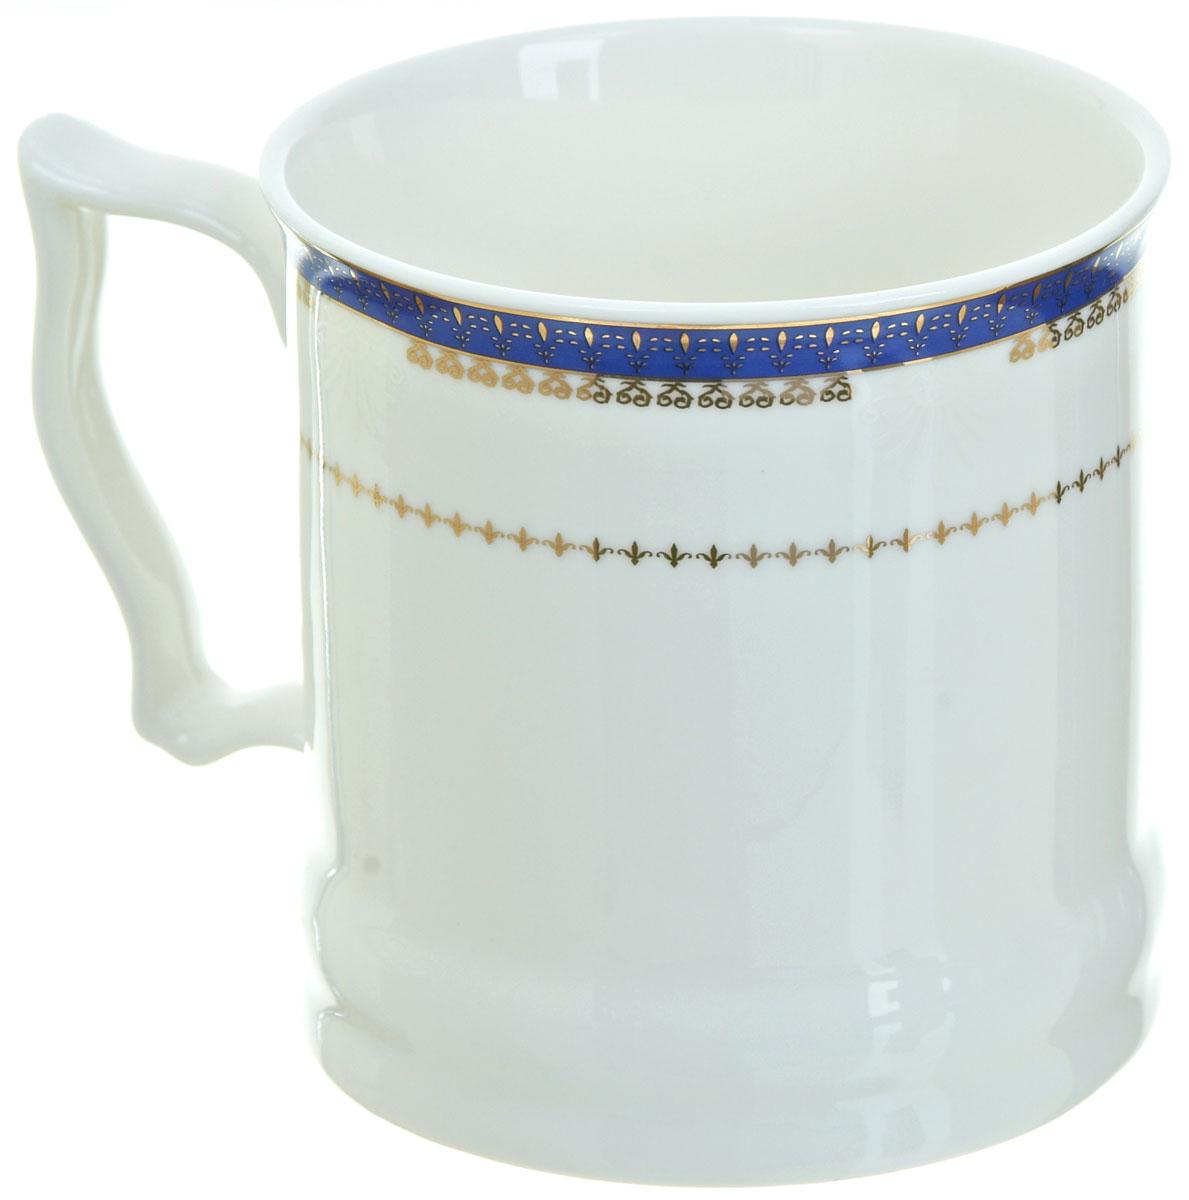 Кружка BHP Королевская кружка, 500 мл. M1870002M1870002Оригинальная кружка Best Home Porcelain, выполненная из высококачественного фарфора, сочетает в себе простой, утонченный дизайн с максимальной функциональностью. Оригинальность оформления придутся по вкусу тем, кто ценит индивидуальность. В комплект входит кружка. Можно использовать в ПММ.